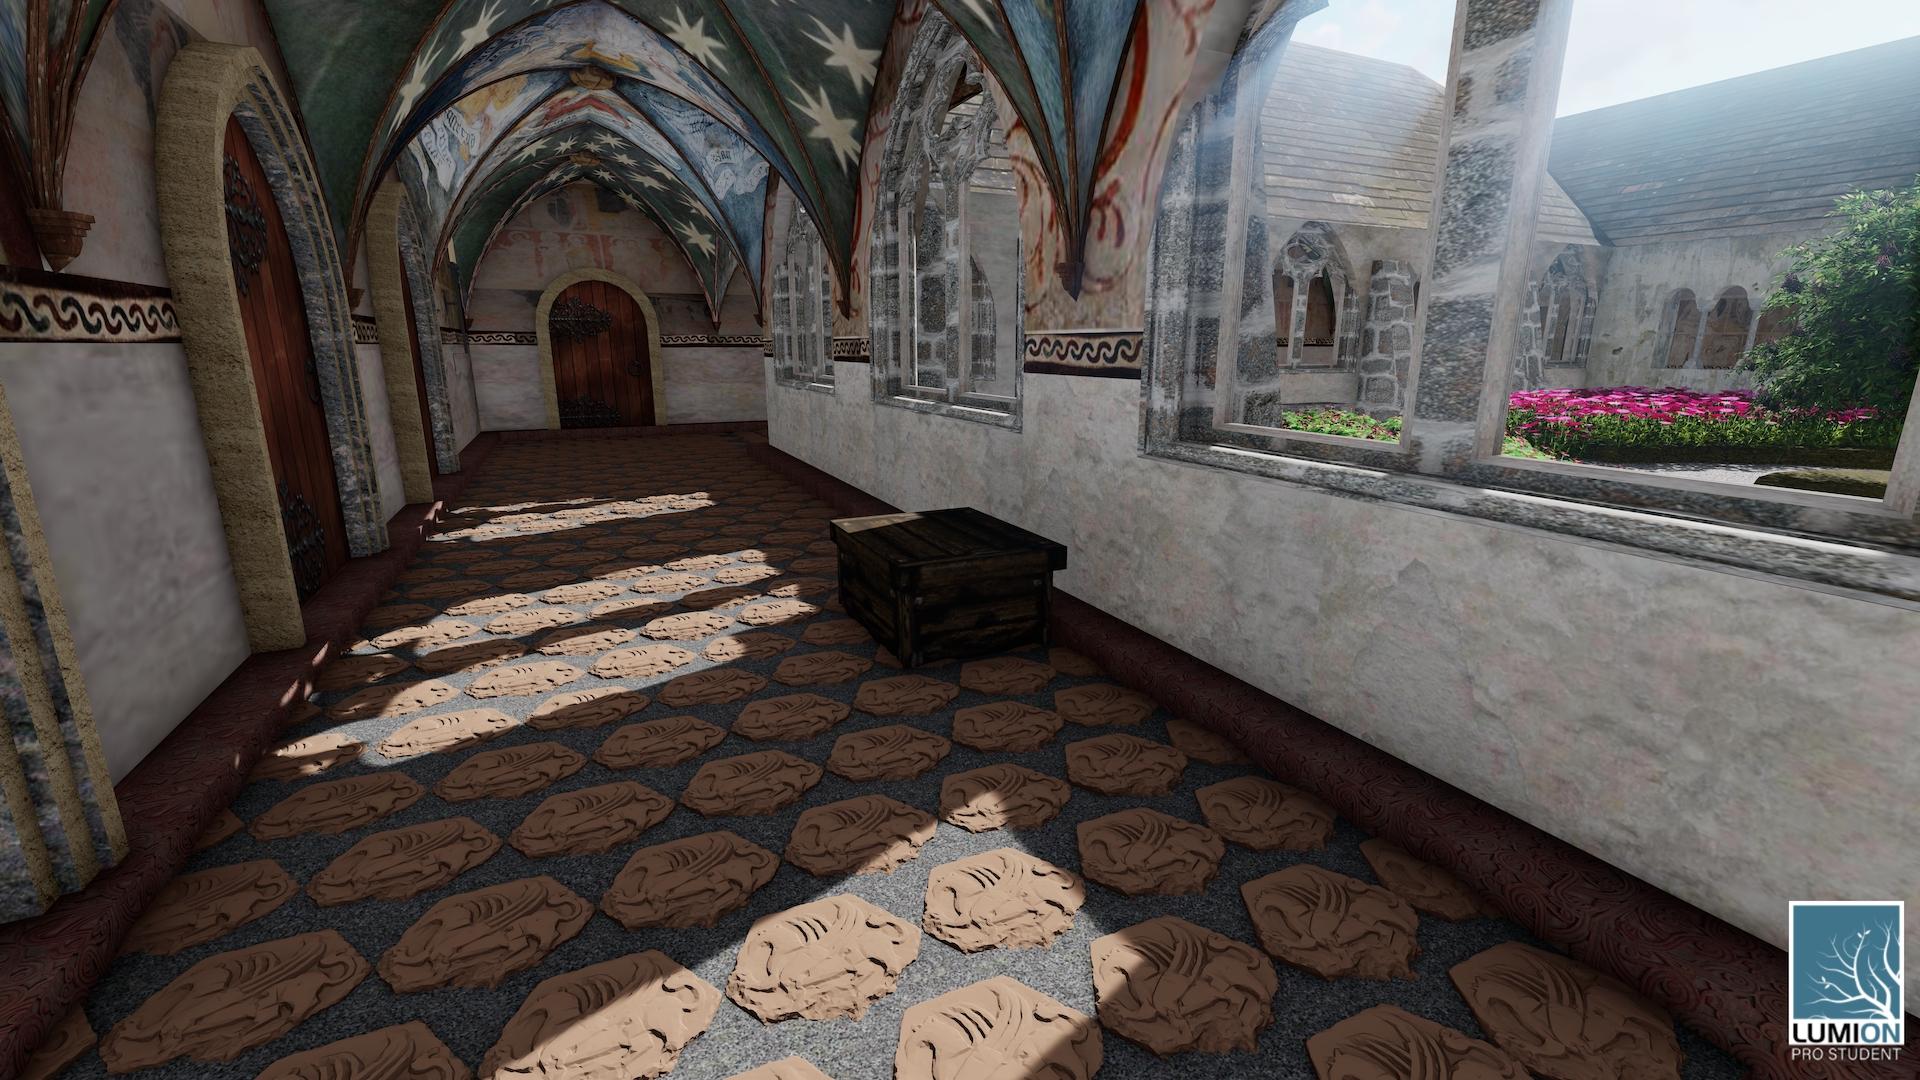 Obrázek 8: Implementace naskenované dlaždice do 3D modelu v podobě podlahy kvadratury